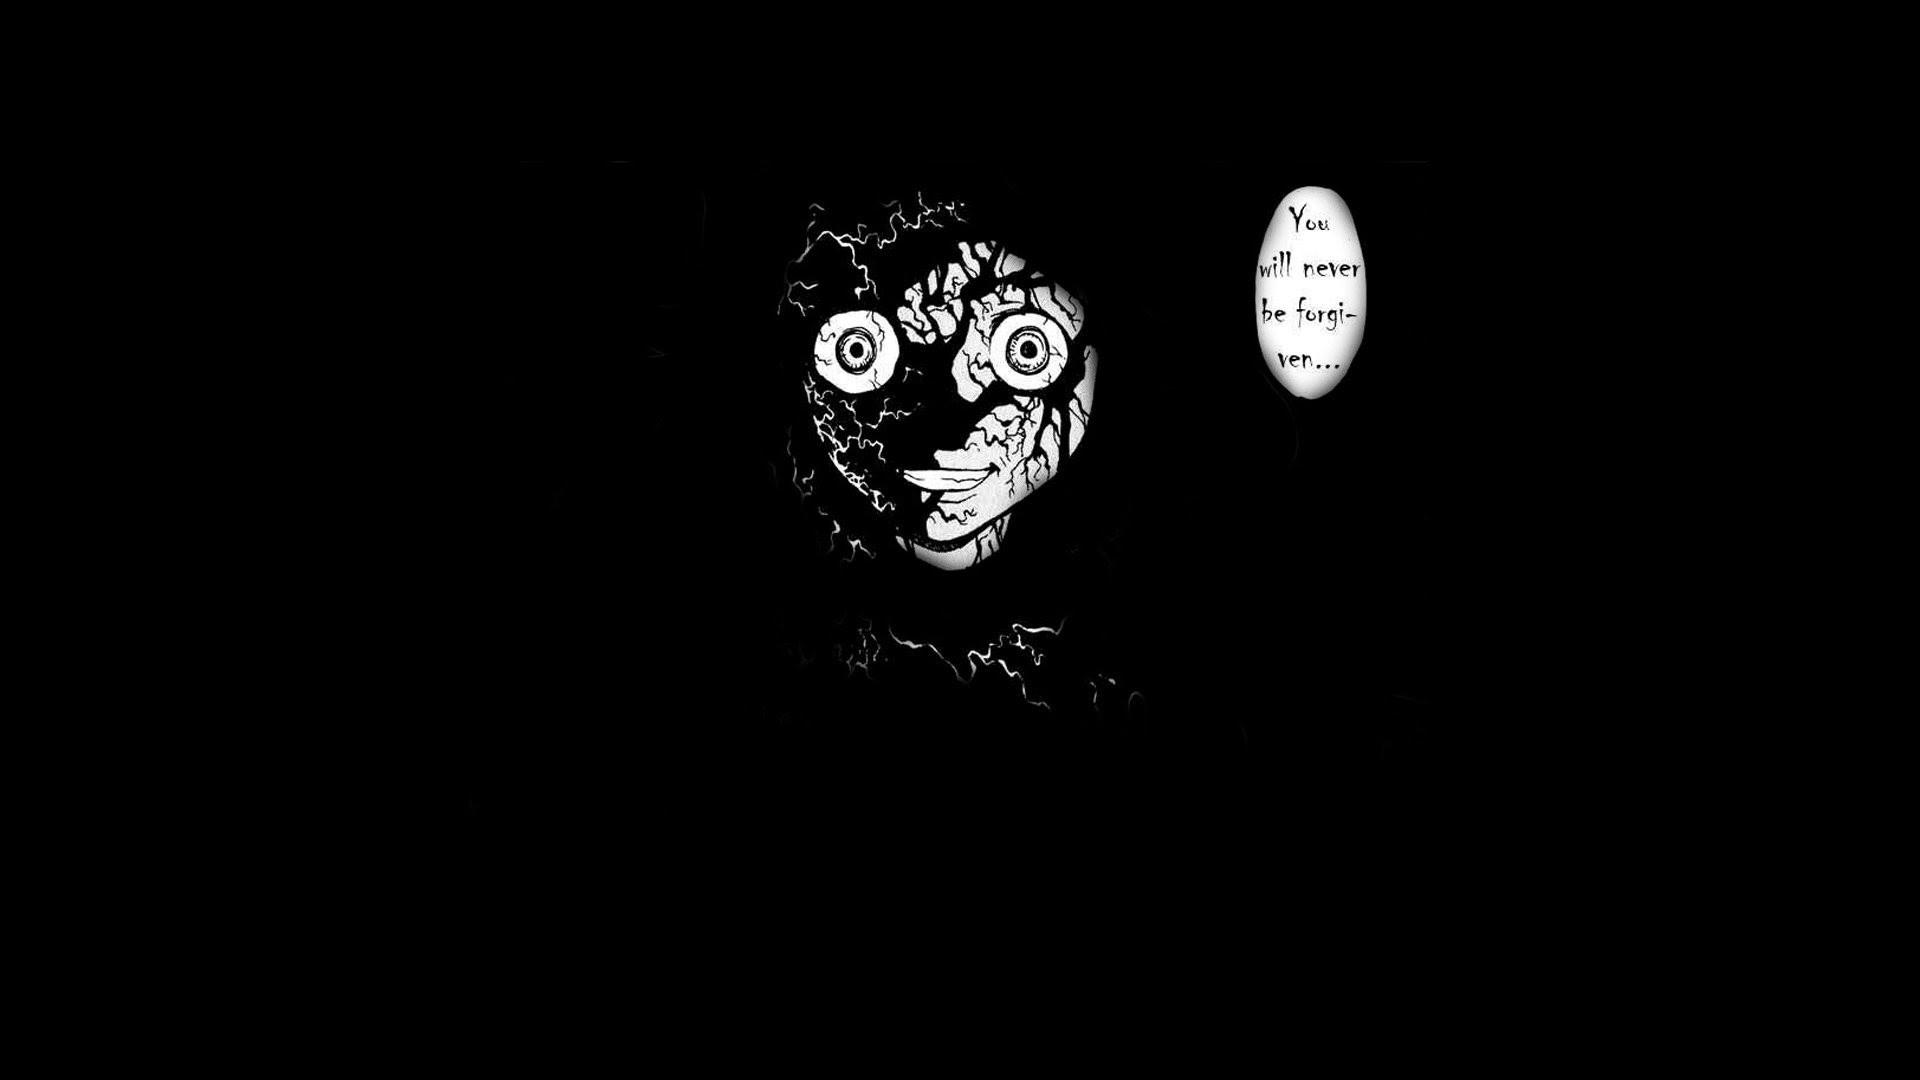 7000 Wallpaper Black Animasi  Paling Keren